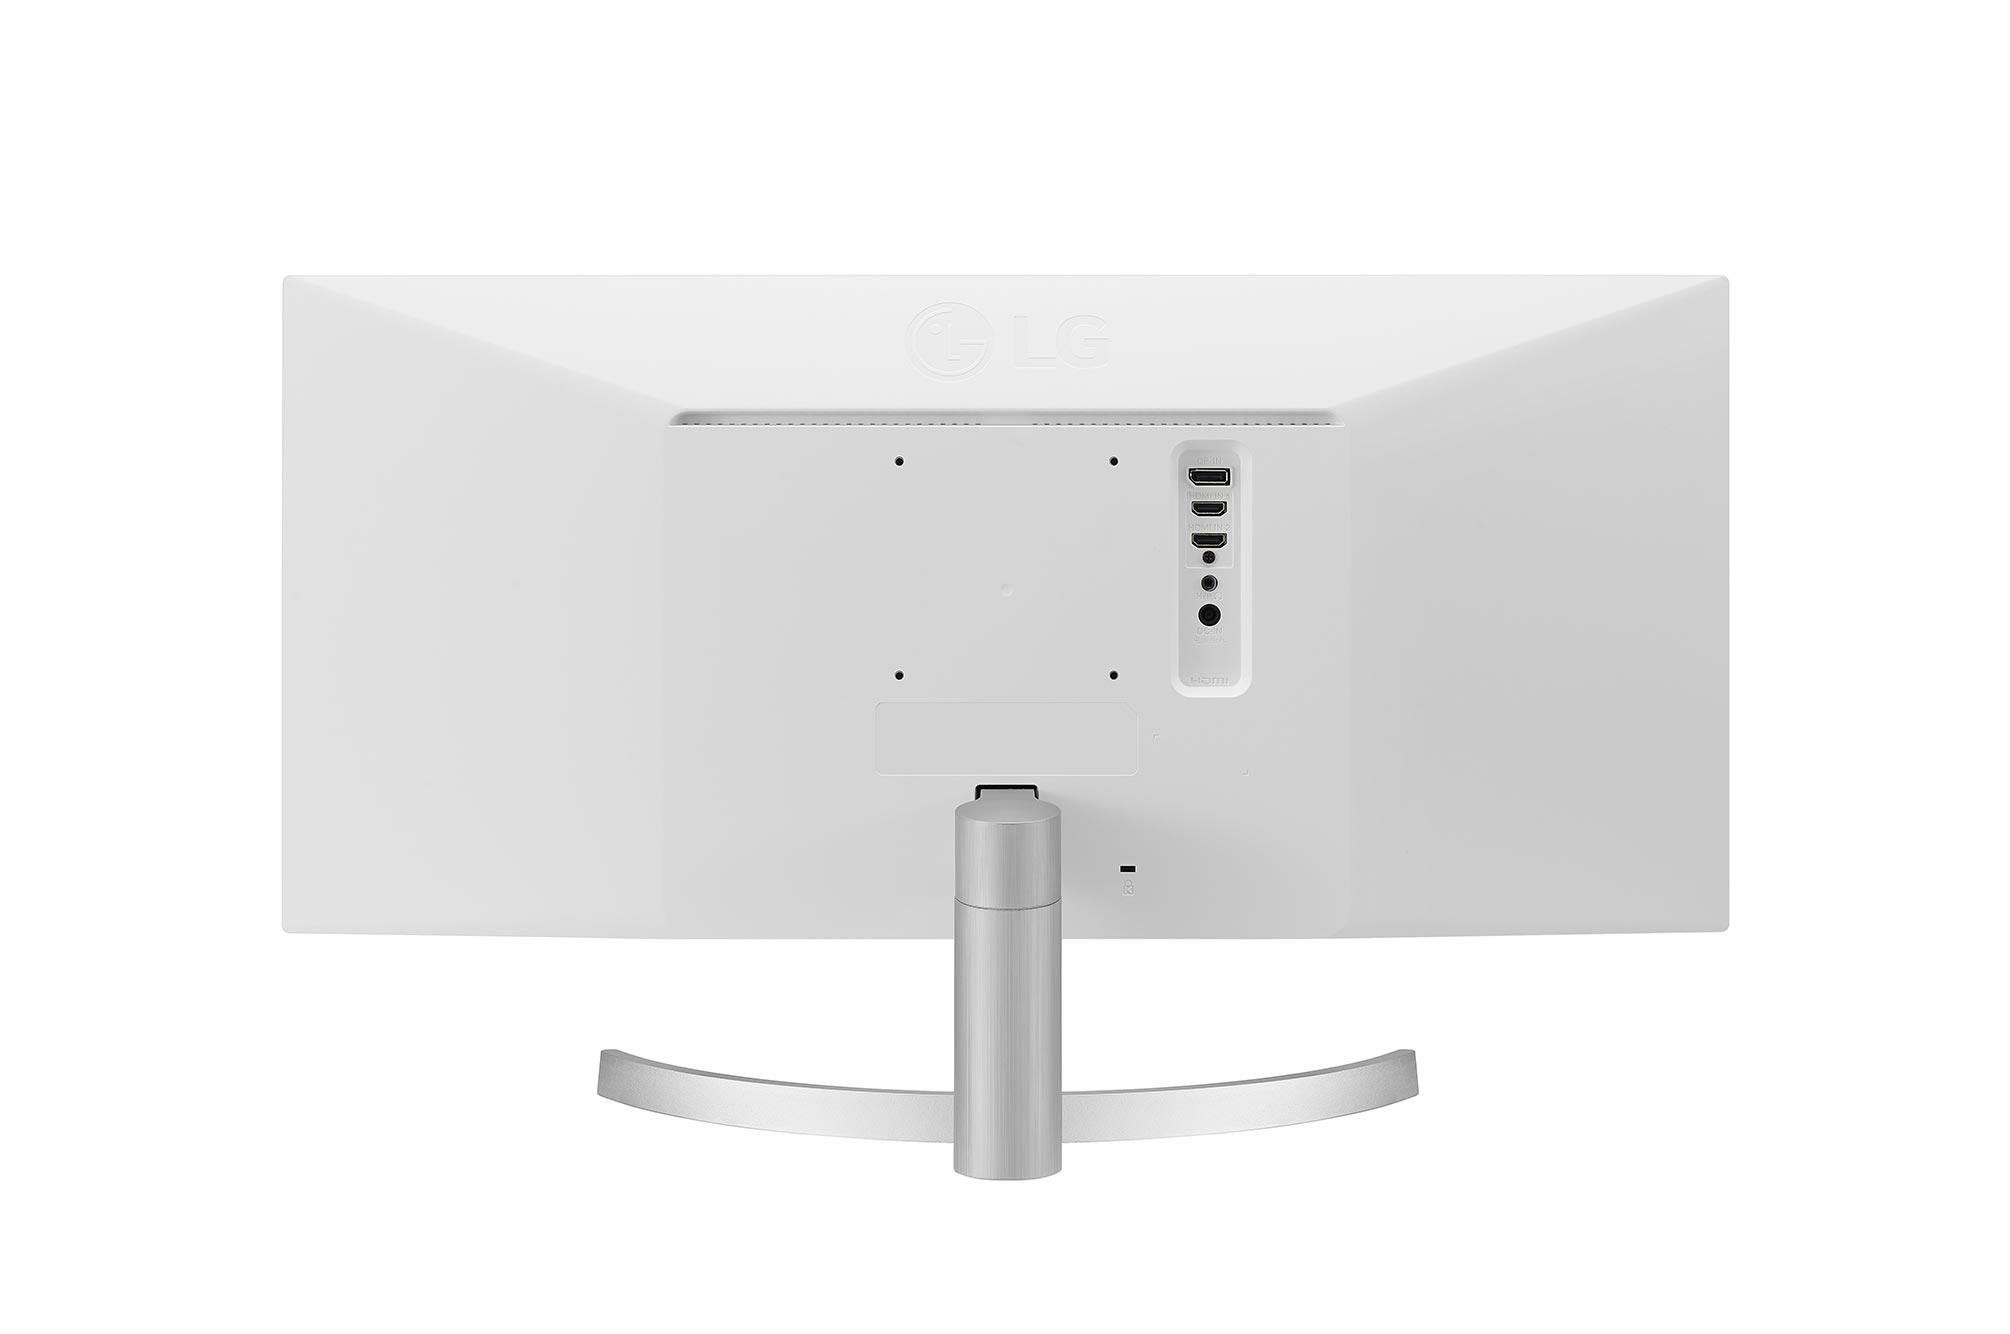 מסך מחשב מקצועי 29 אינטש LG 29WN600W אל ג'י - תמונה 6